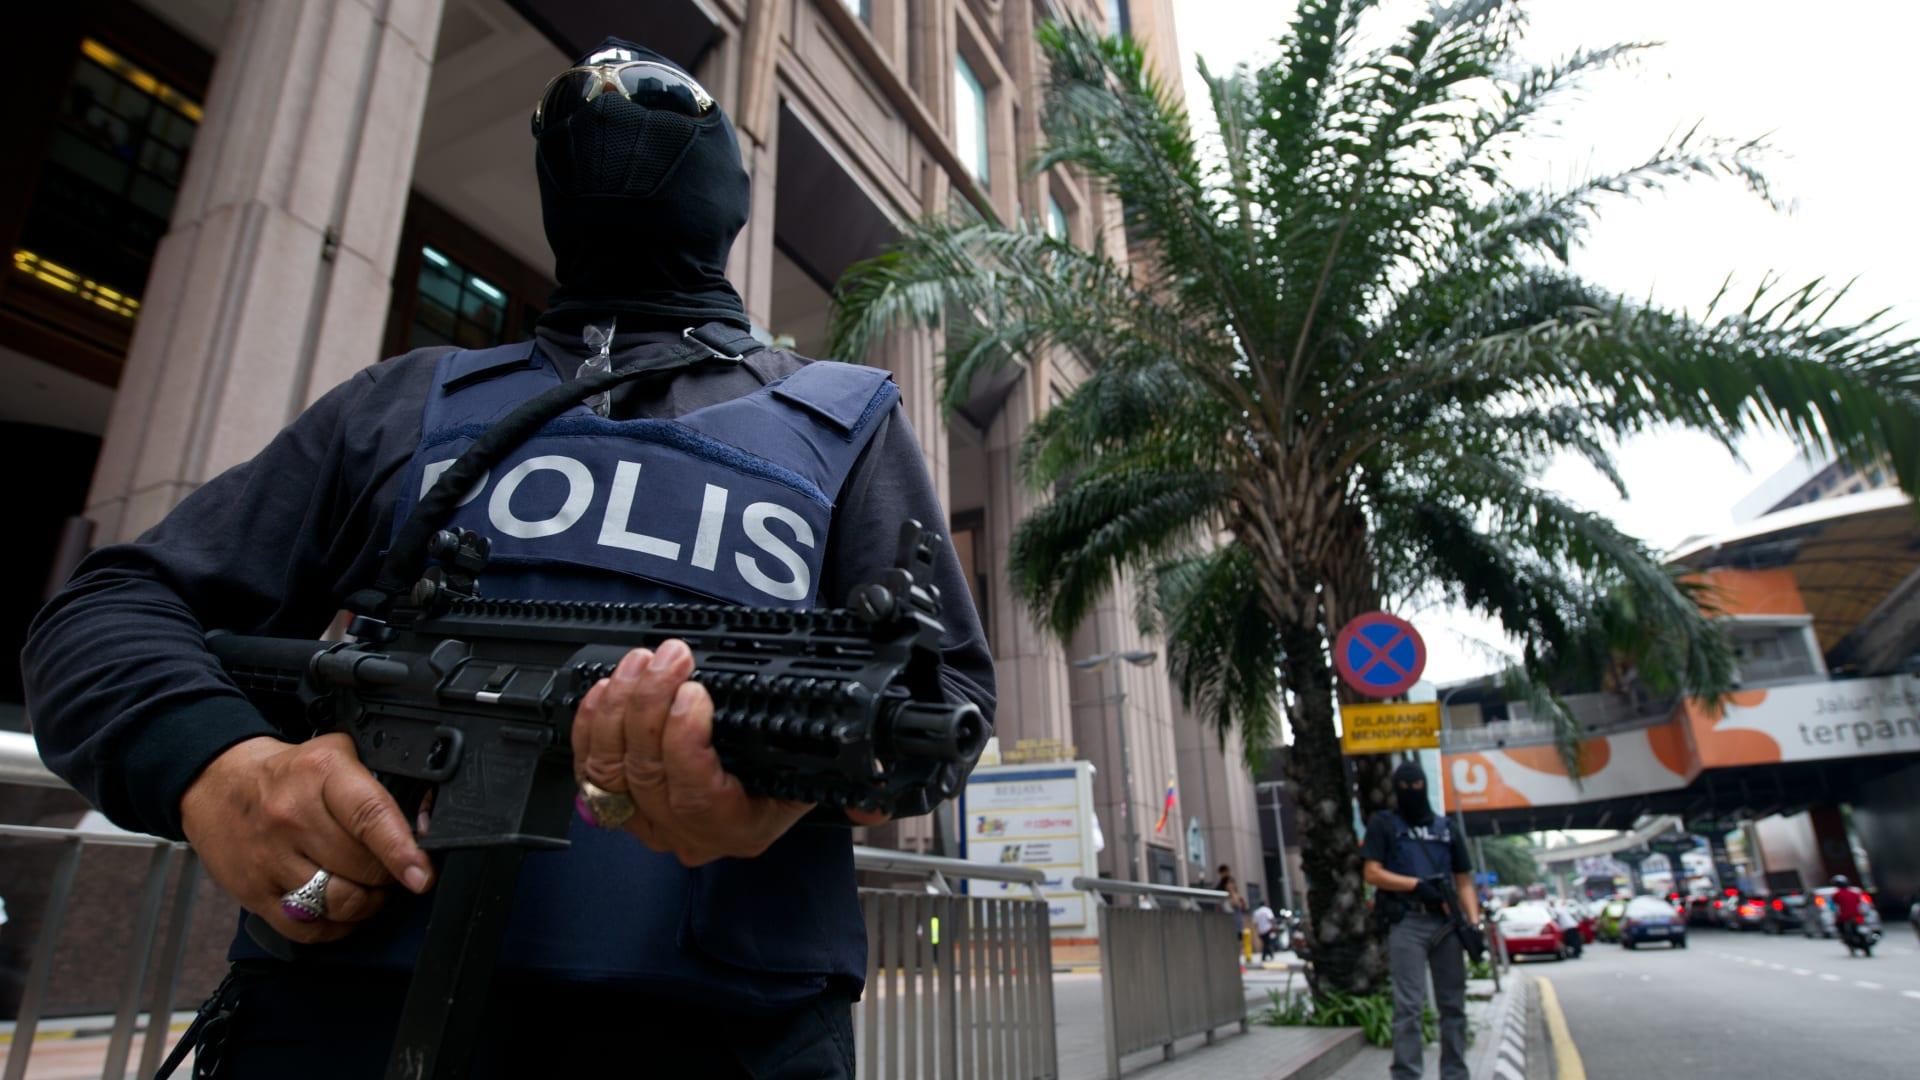 ماليزيا تعلن ترحيل 6 مصريين للاشتباه بصلتهم بمنظمات إرهابية